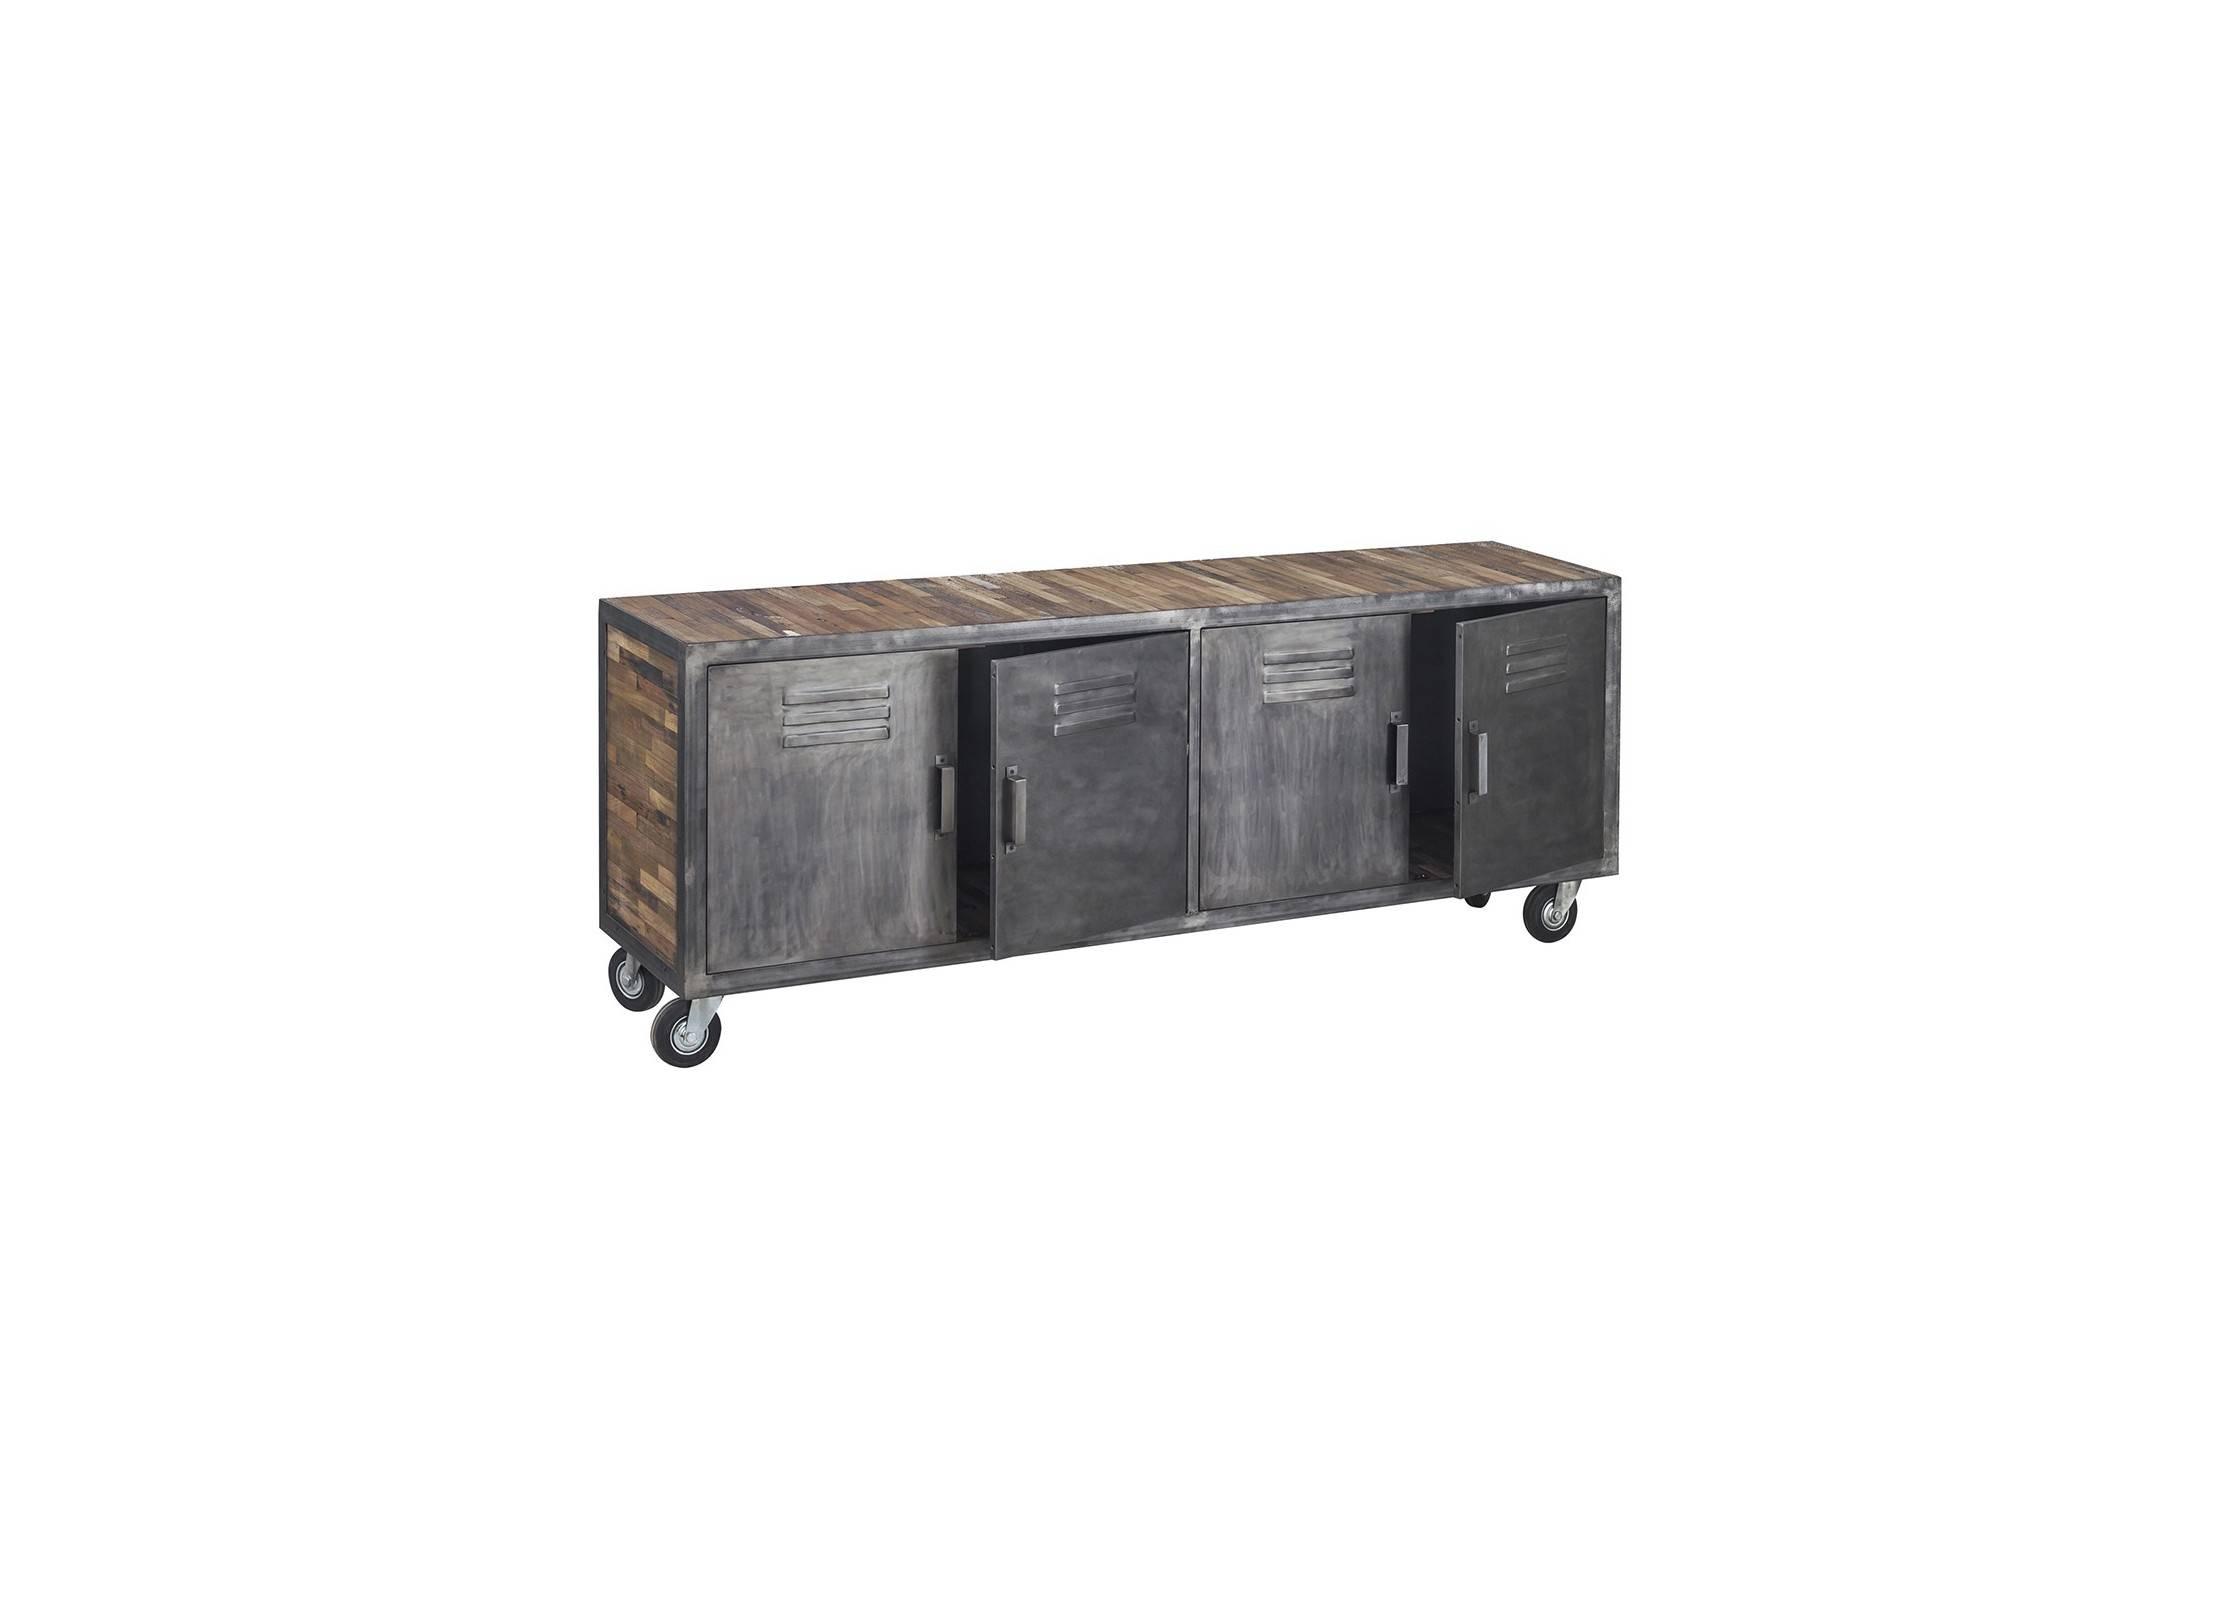 meuble tv sur roulettes locker 4 portes l200cm. Black Bedroom Furniture Sets. Home Design Ideas